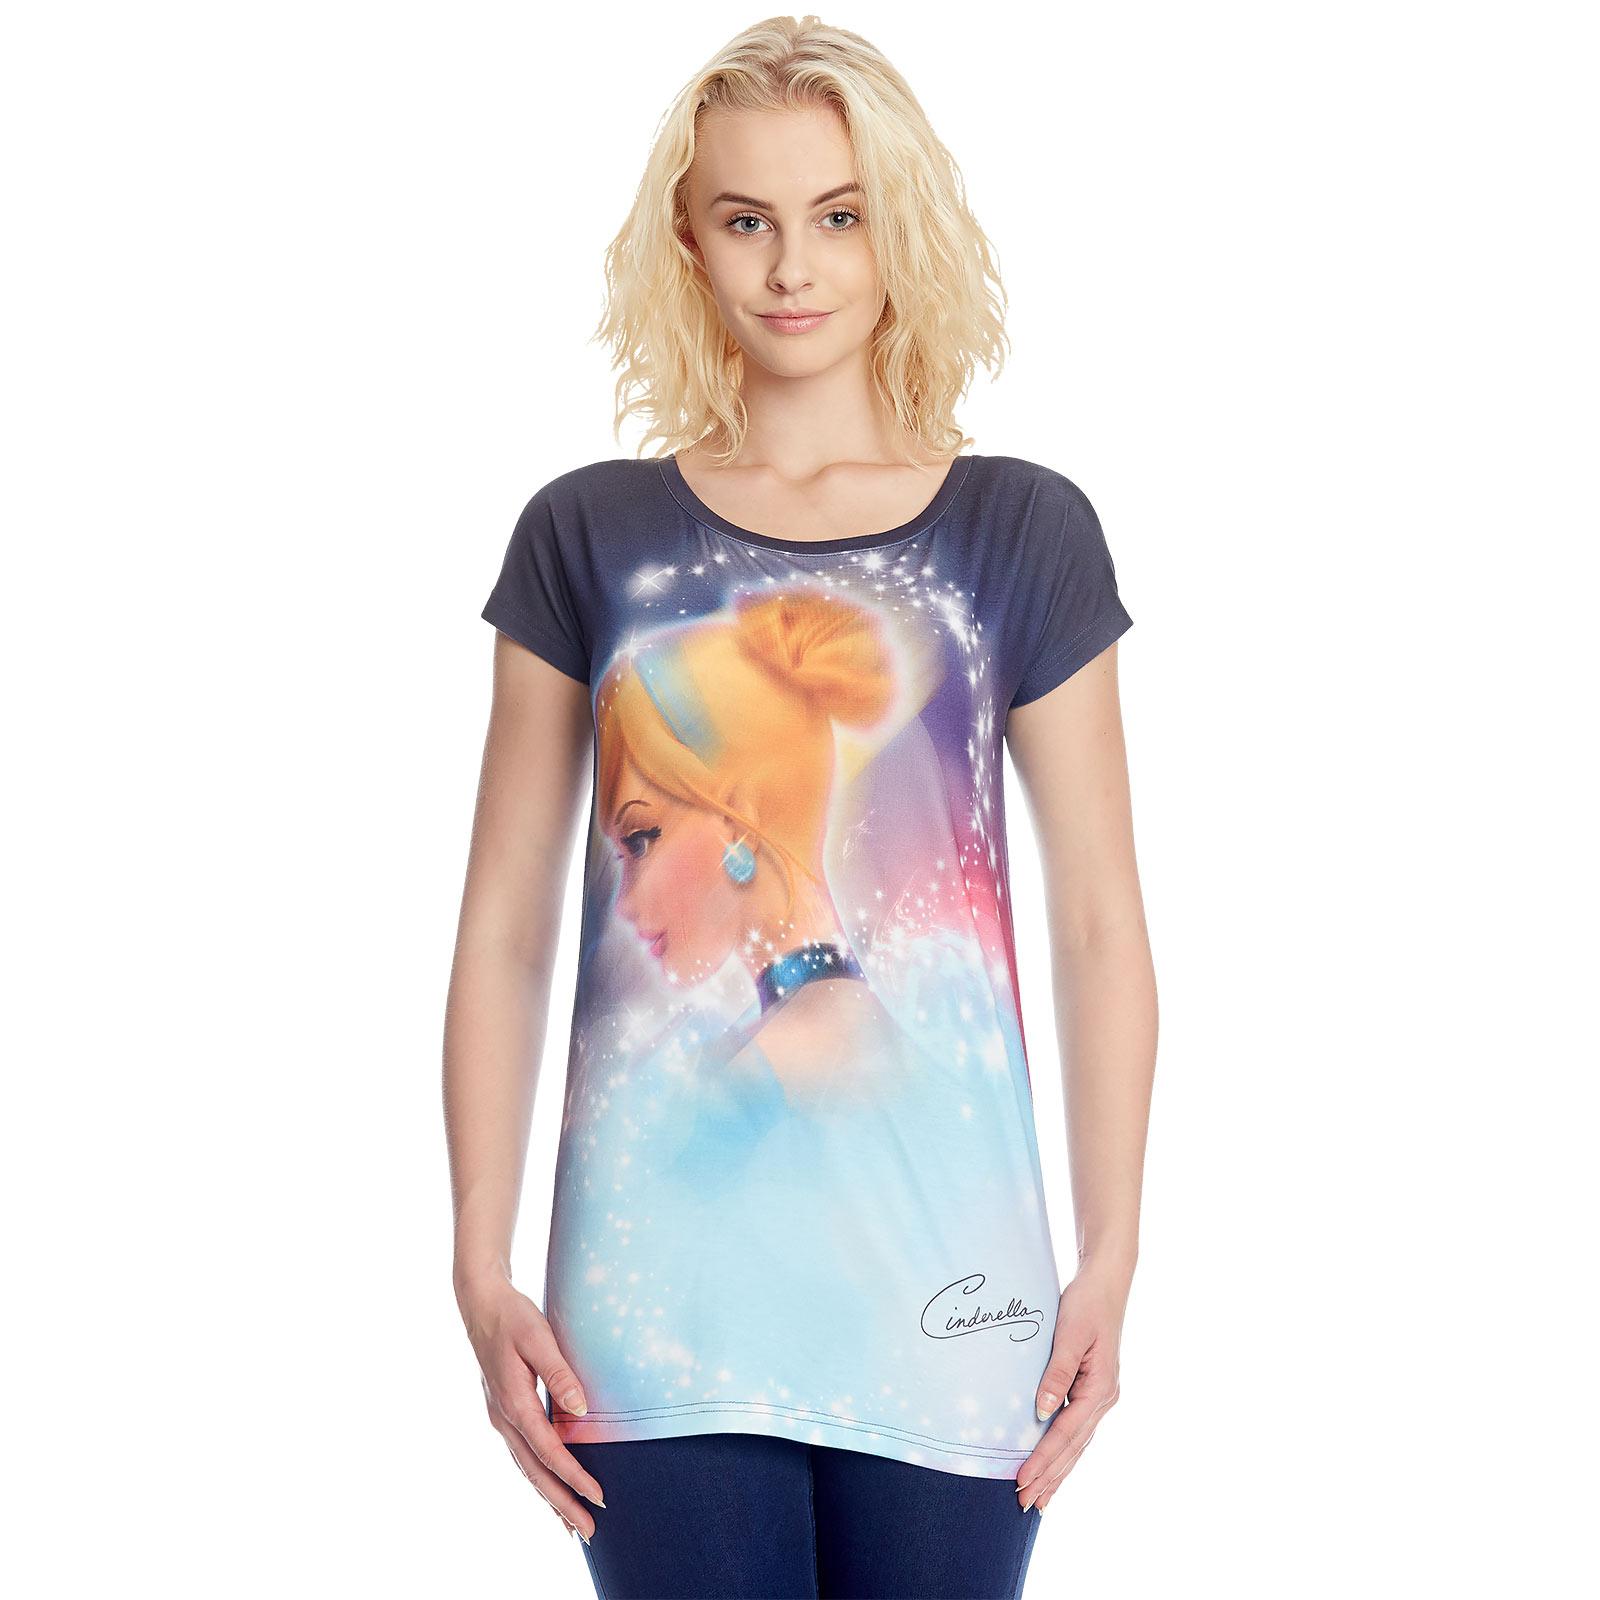 Cinderella - Glamour Girlie Shirt Loose Fit